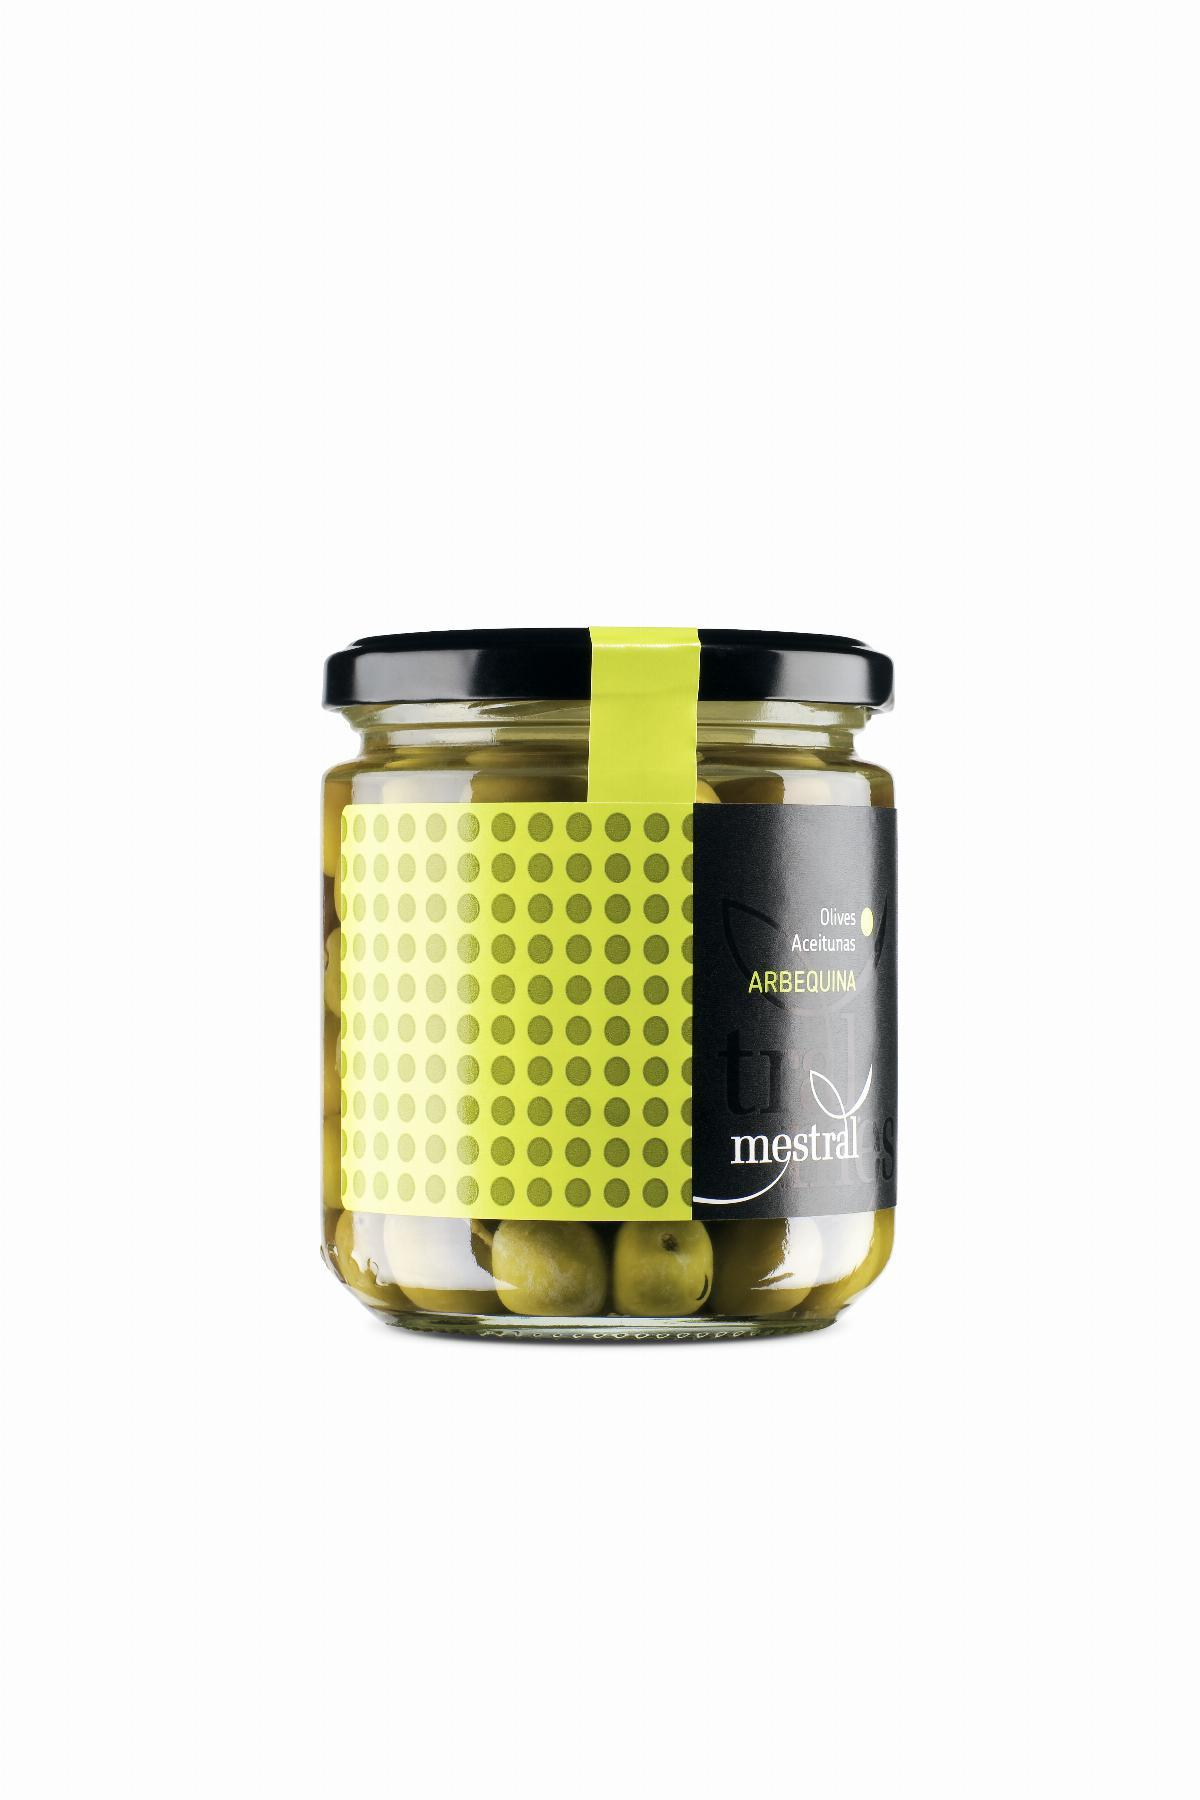 Olives - Olives Arbequina Mestral pot en verre 220g - Mestral Cambrils